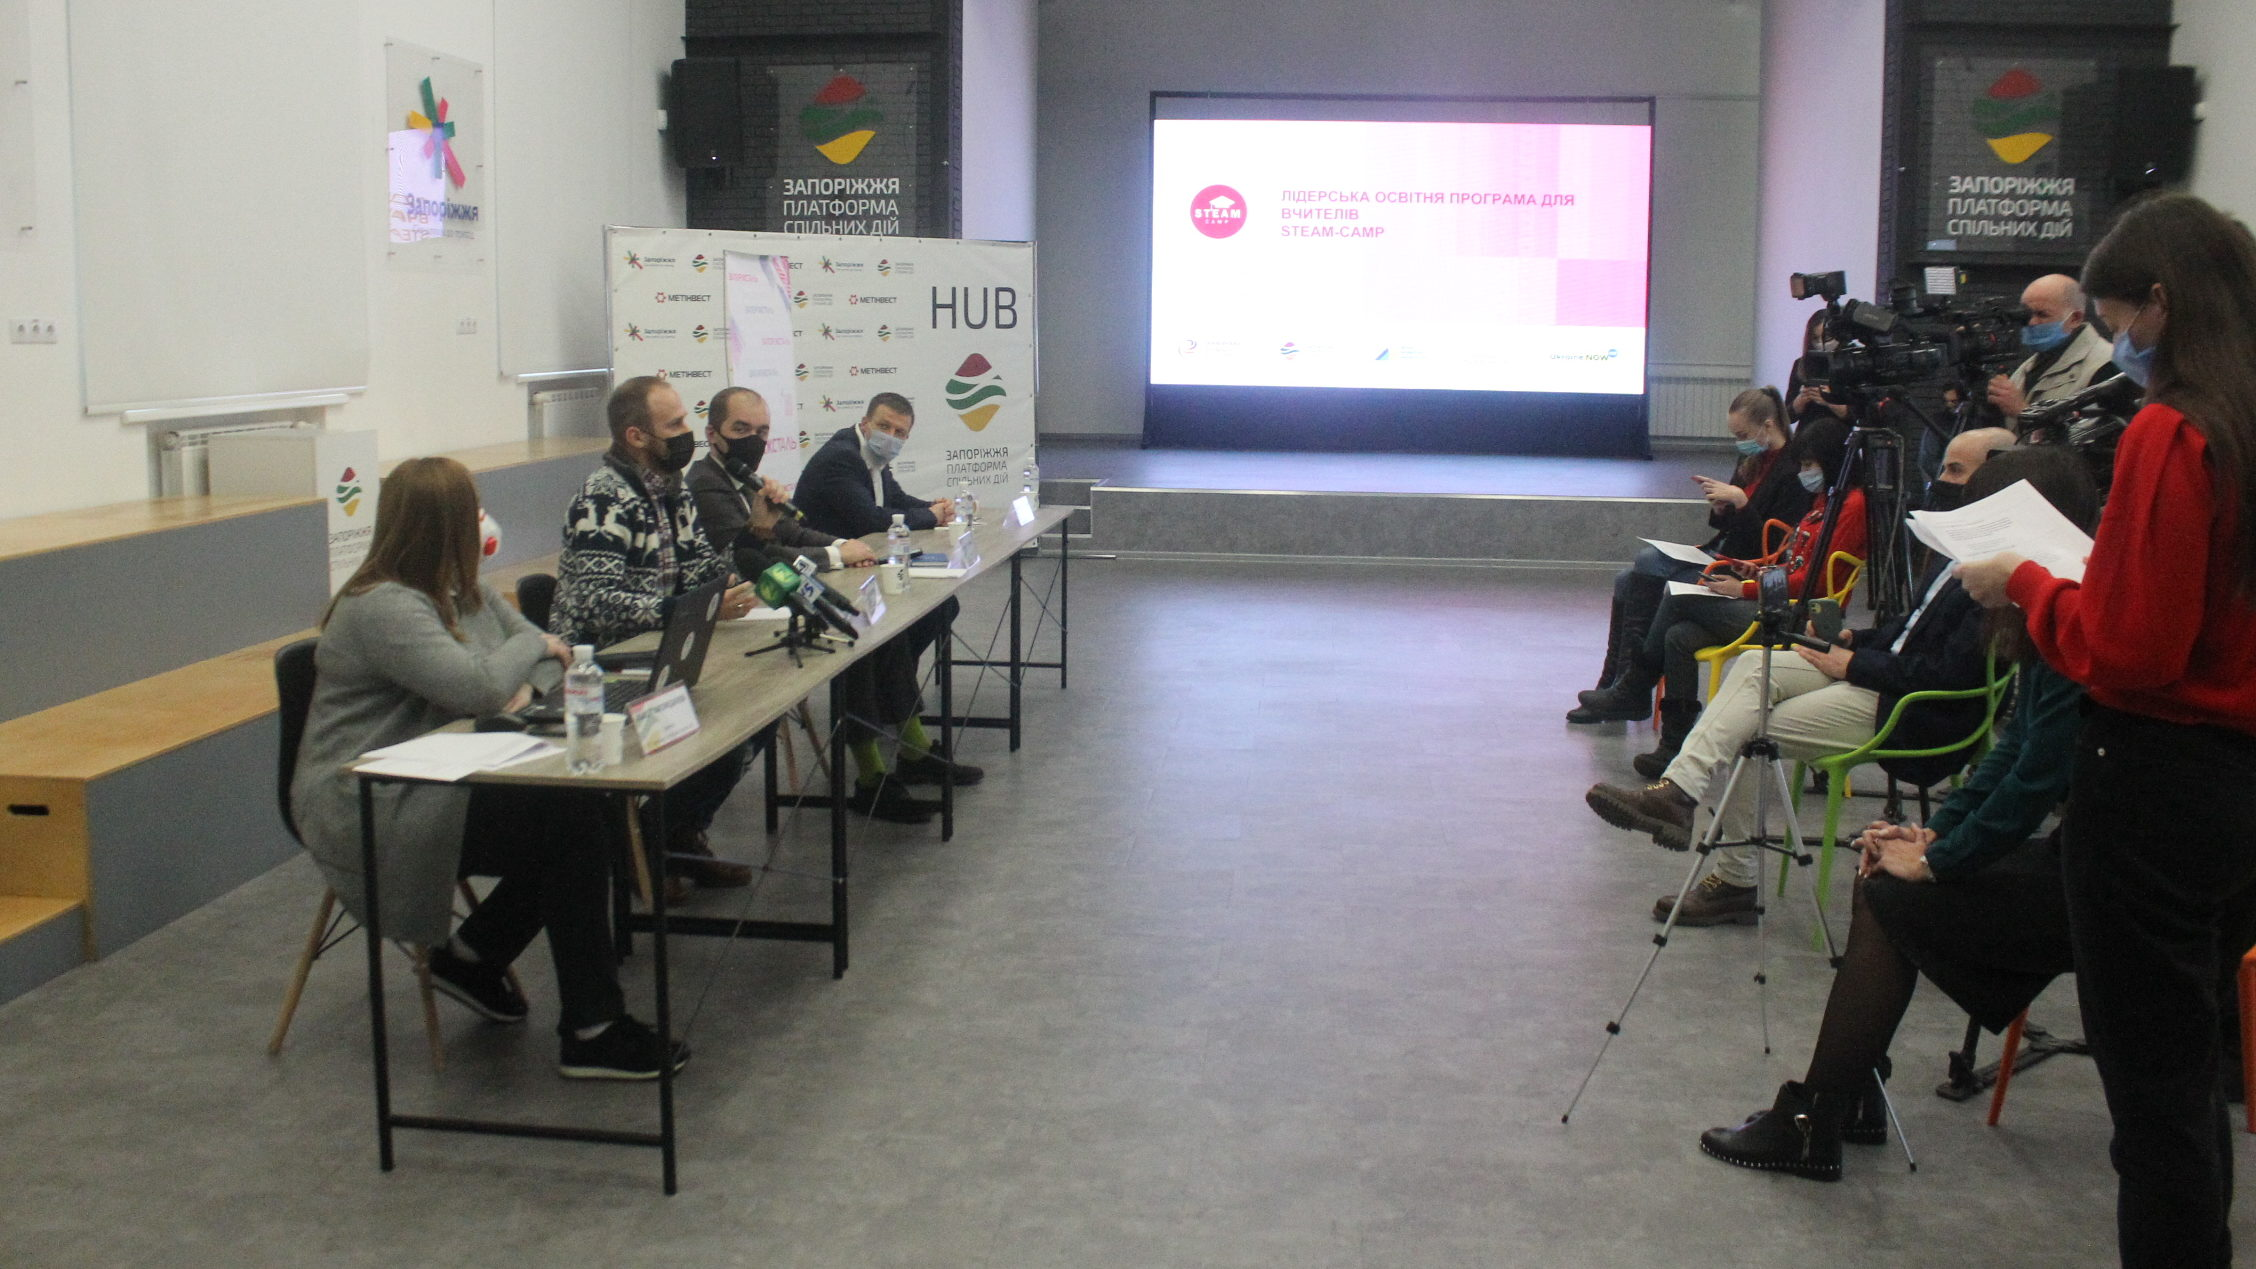 В Запорожье стартовал масштабный образовательный проект Steam-Camp для учителей  точных наук